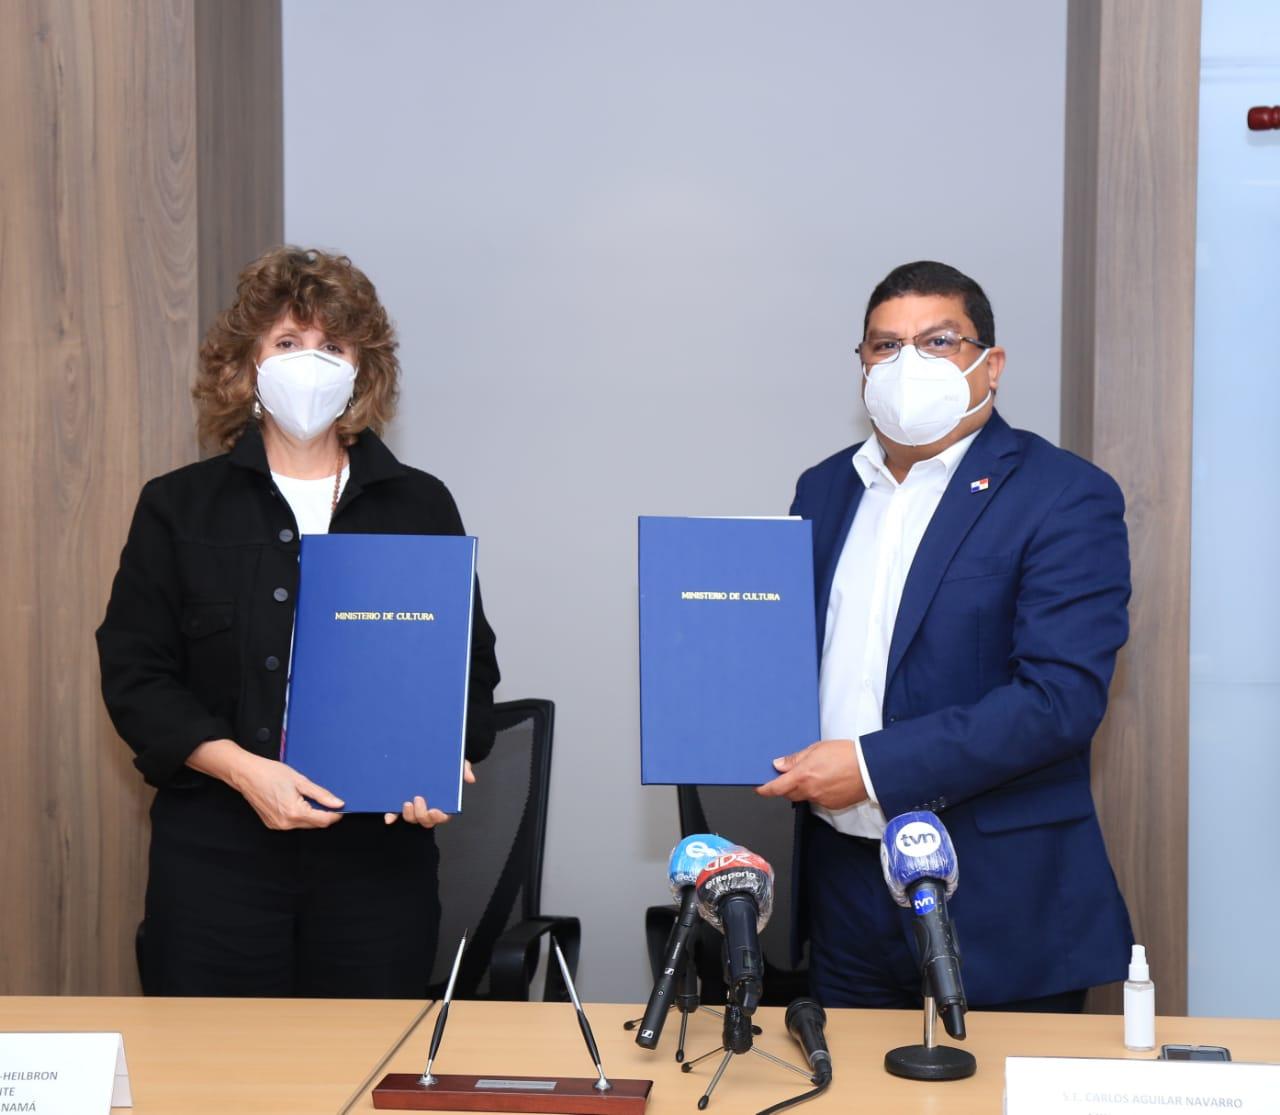 MiCultura e IFF Panamá firman convenio de cooperación cultural